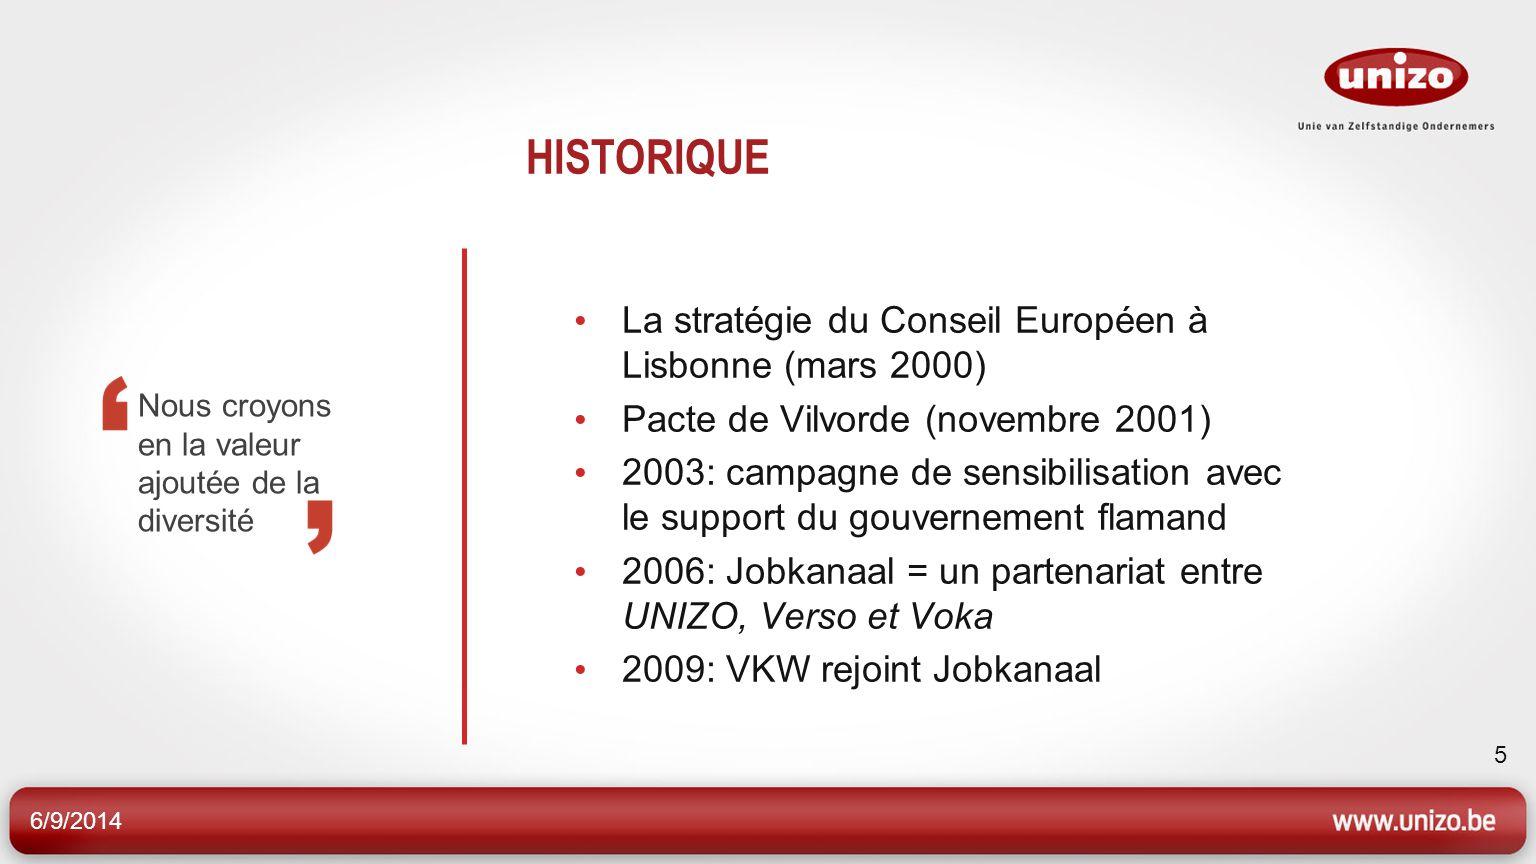 6/9/2014 5 HISTORIQUE La stratégie du Conseil Européen à Lisbonne (mars 2000) Pacte de Vilvorde (novembre 2001) 2003: campagne de sensibilisation avec le support du gouvernement flamand 2006: Jobkanaal = un partenariat entre UNIZO, Verso et Voka 2009: VKW rejoint Jobkanaal Nous croyons en la valeur ajoutée de la diversité